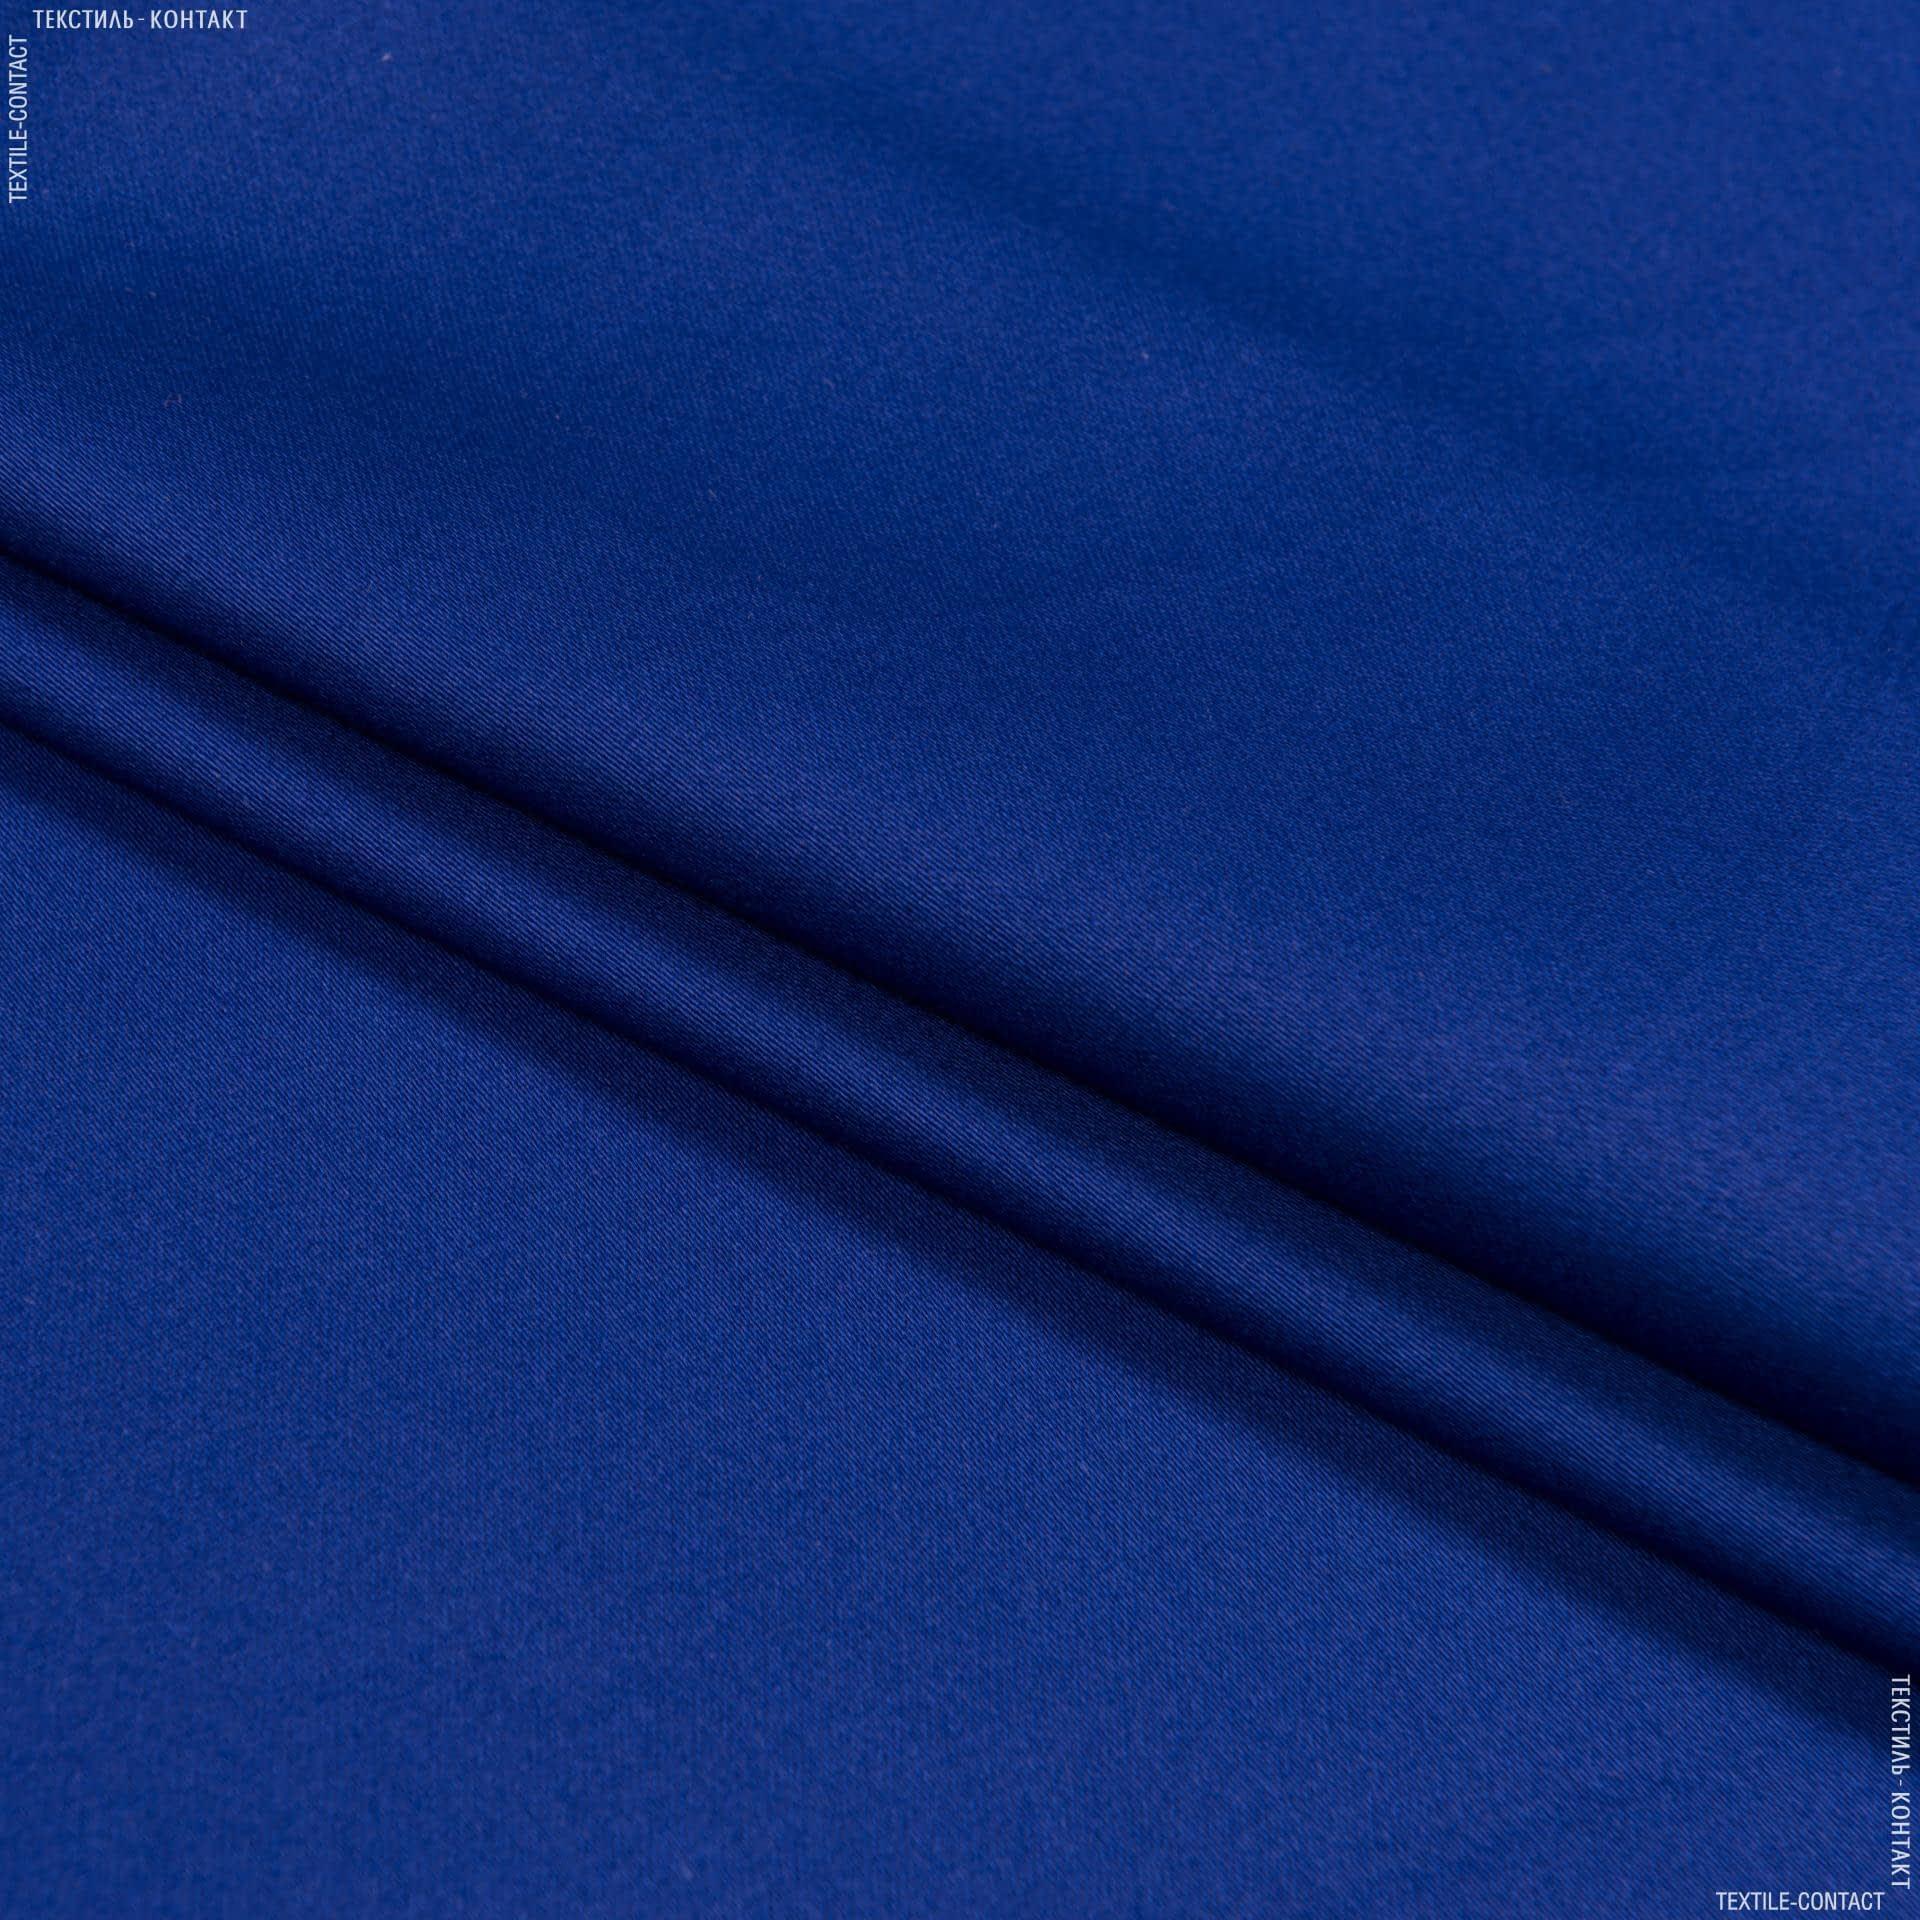 Ткани для брюк - Коттон-сатин лайт стрейч электрик